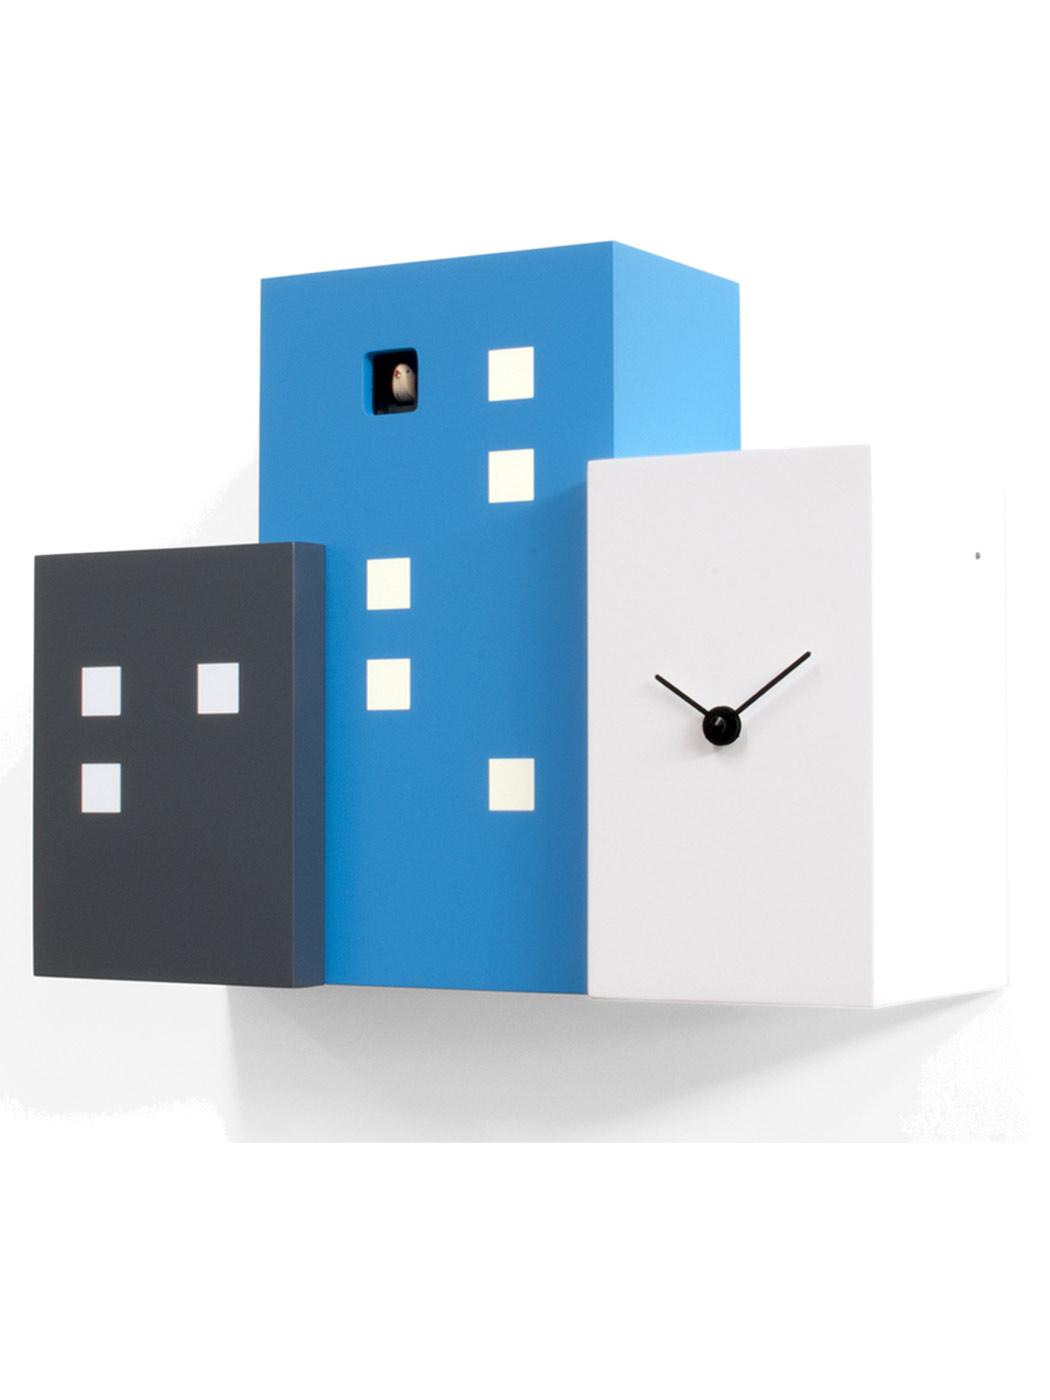 Walls Cucu Cuckoo Clock Black Blue White